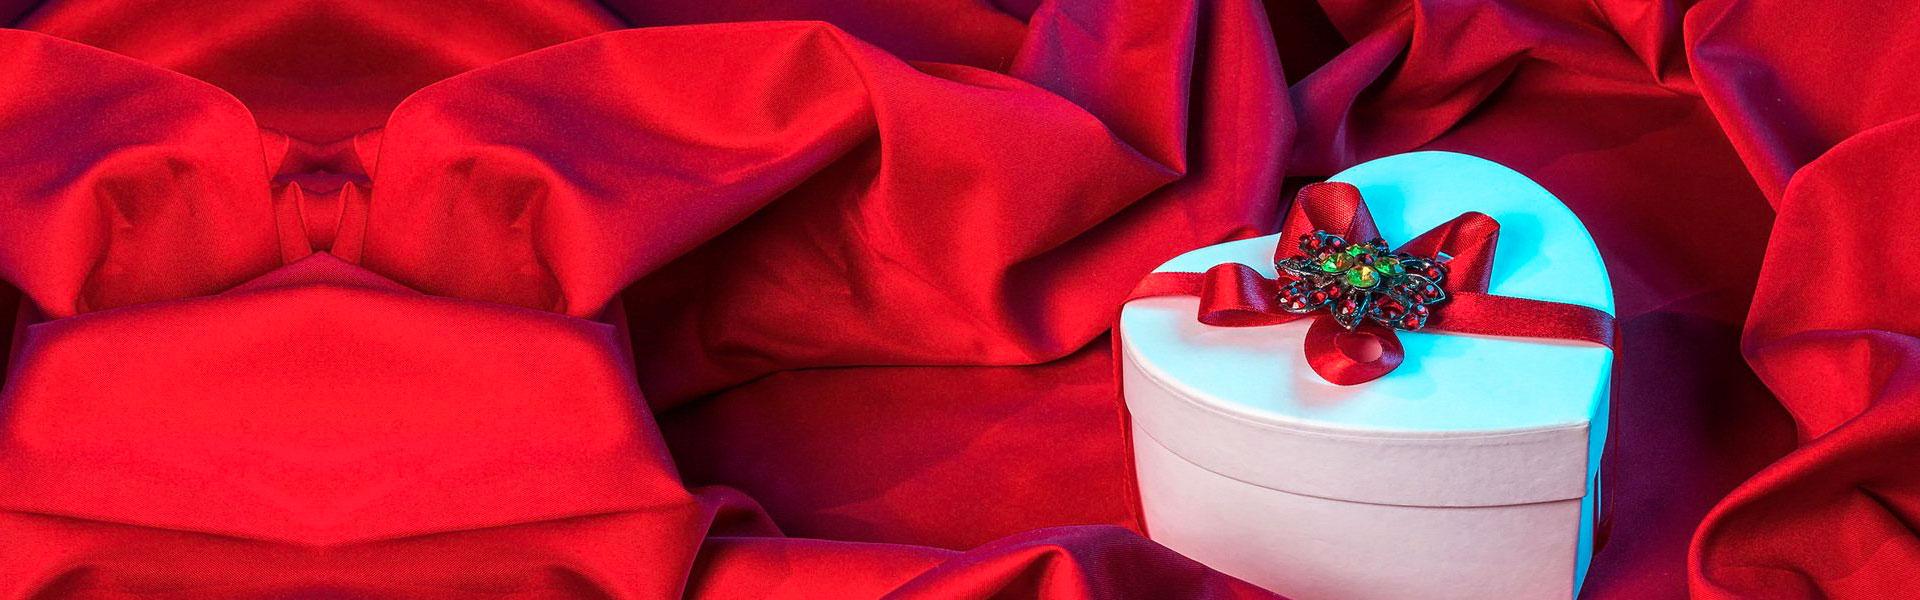 La Brizzi Distribuzione di Pomezia, in provincia di Roma, fornisce anche un servizio di packaging.